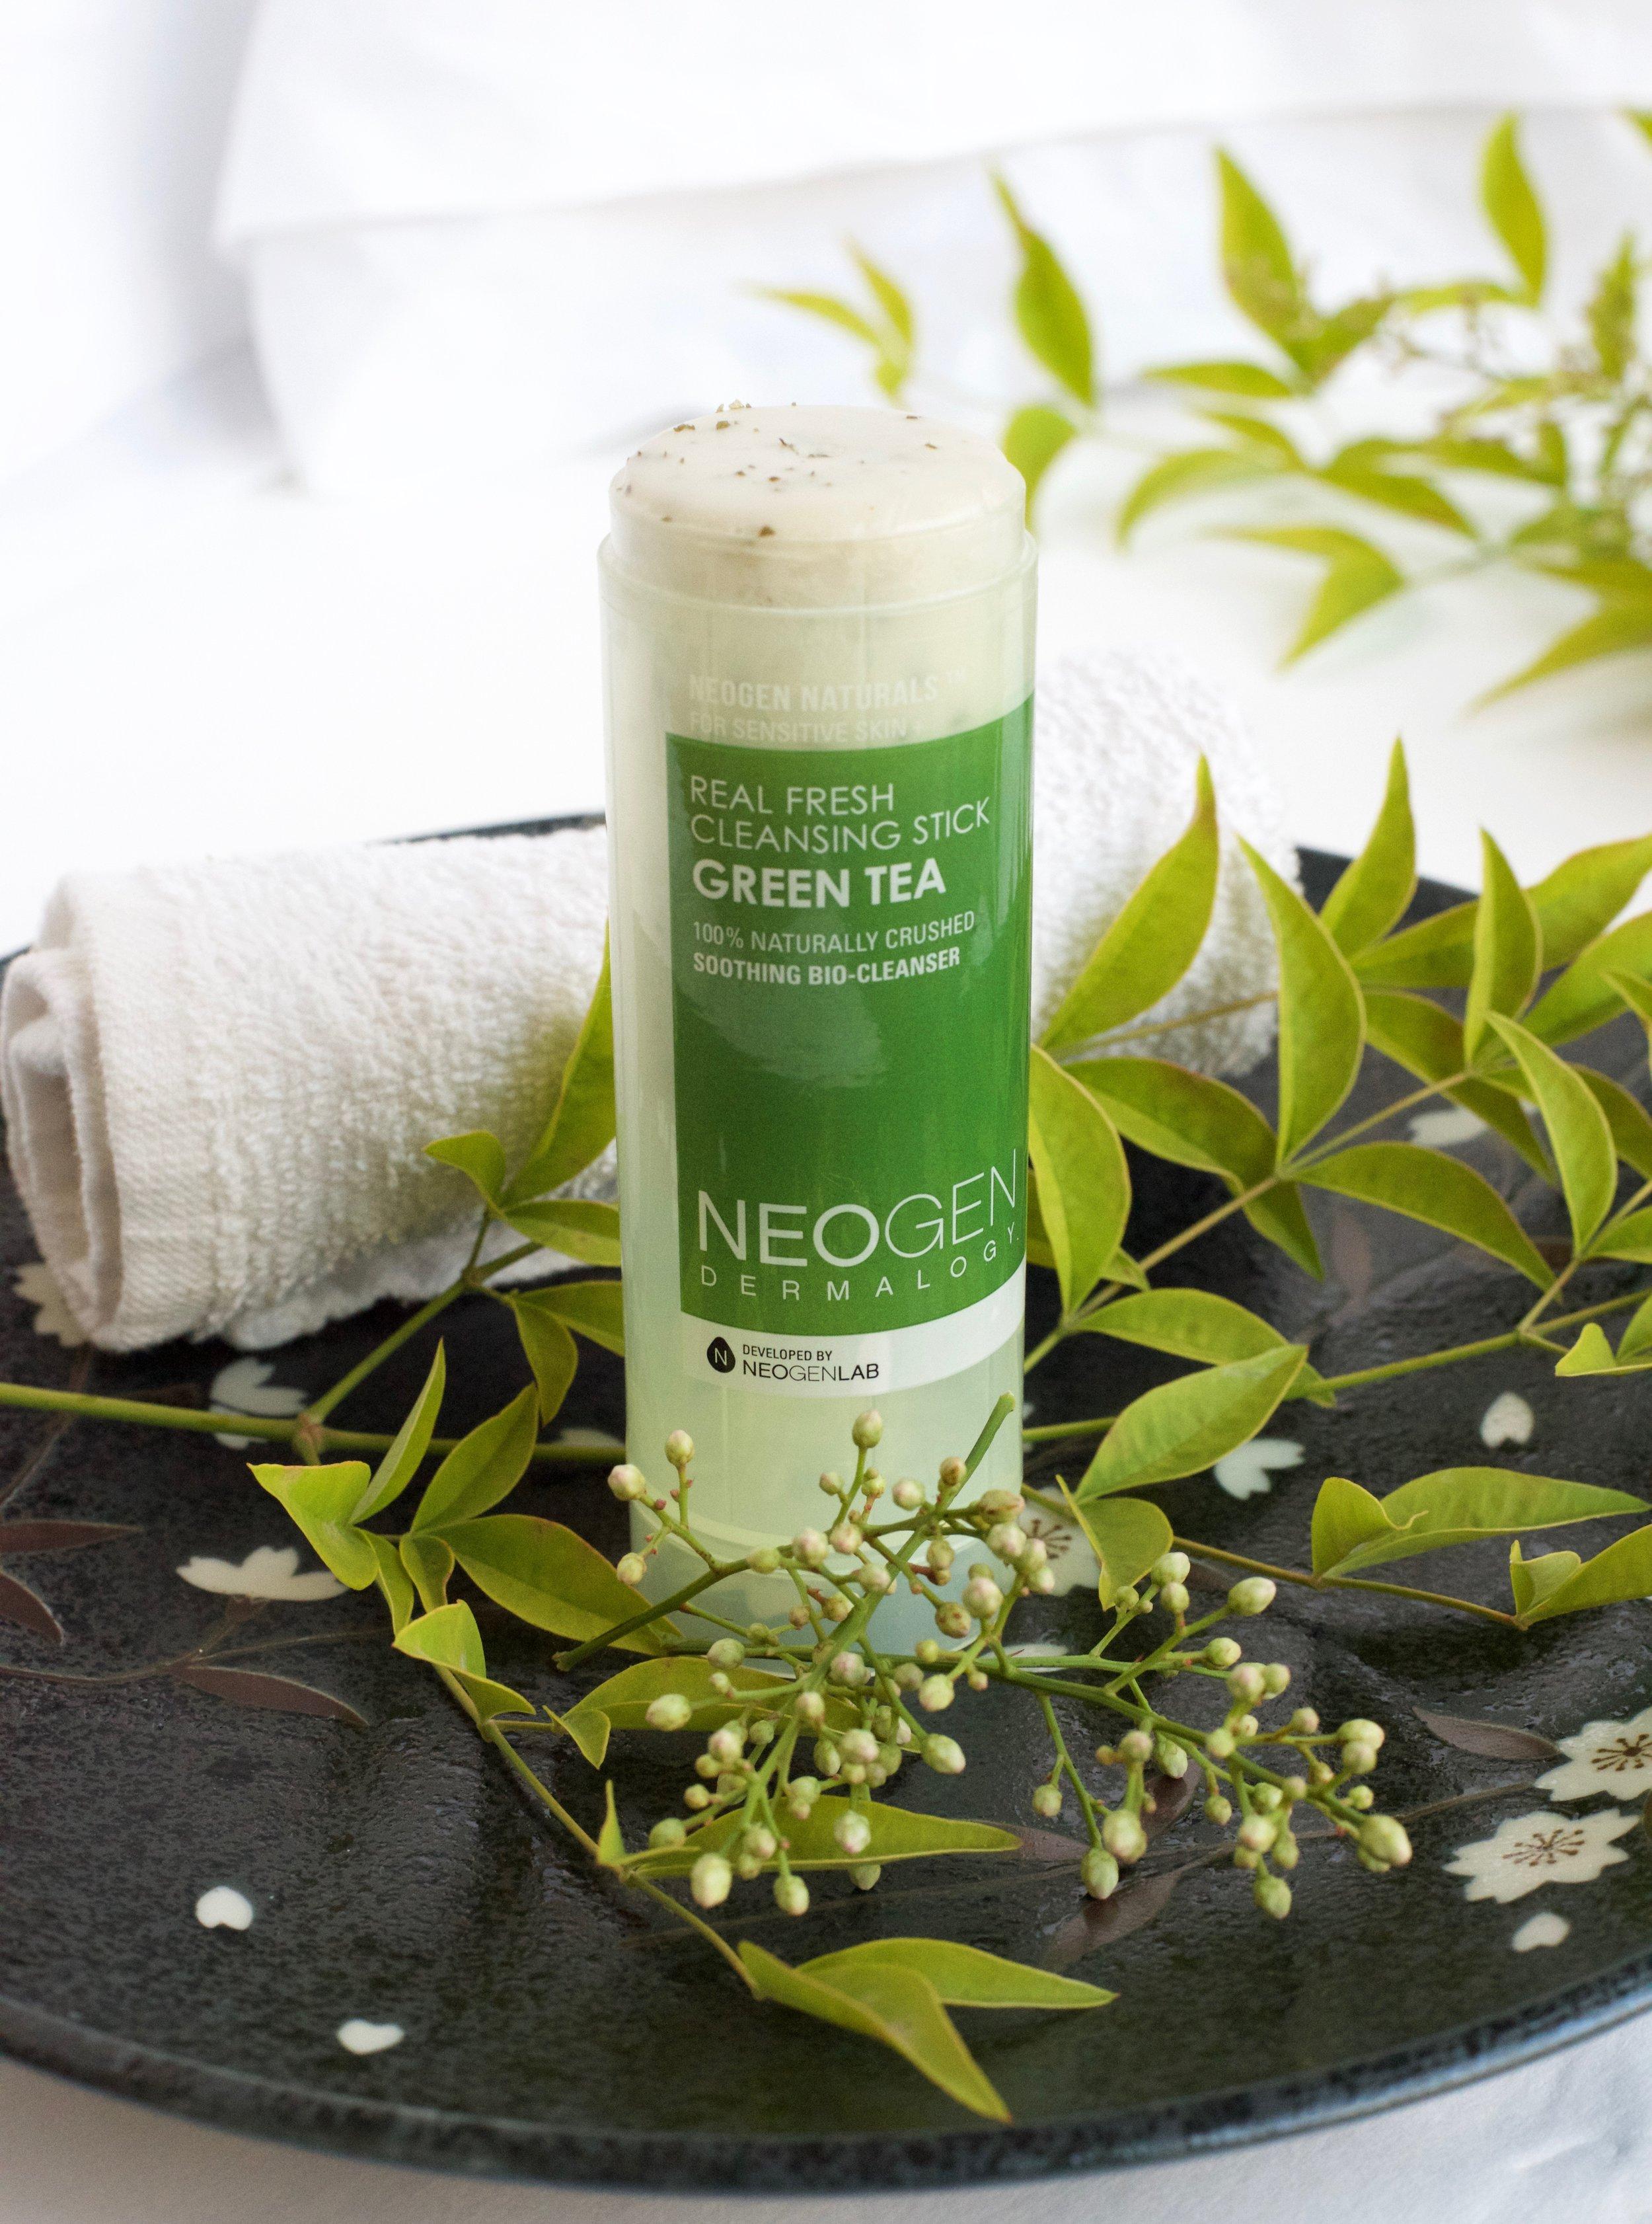 Neogen-Real-Fresh-Cleansing-Stick-Green-Tea_DSC_3672.jpg